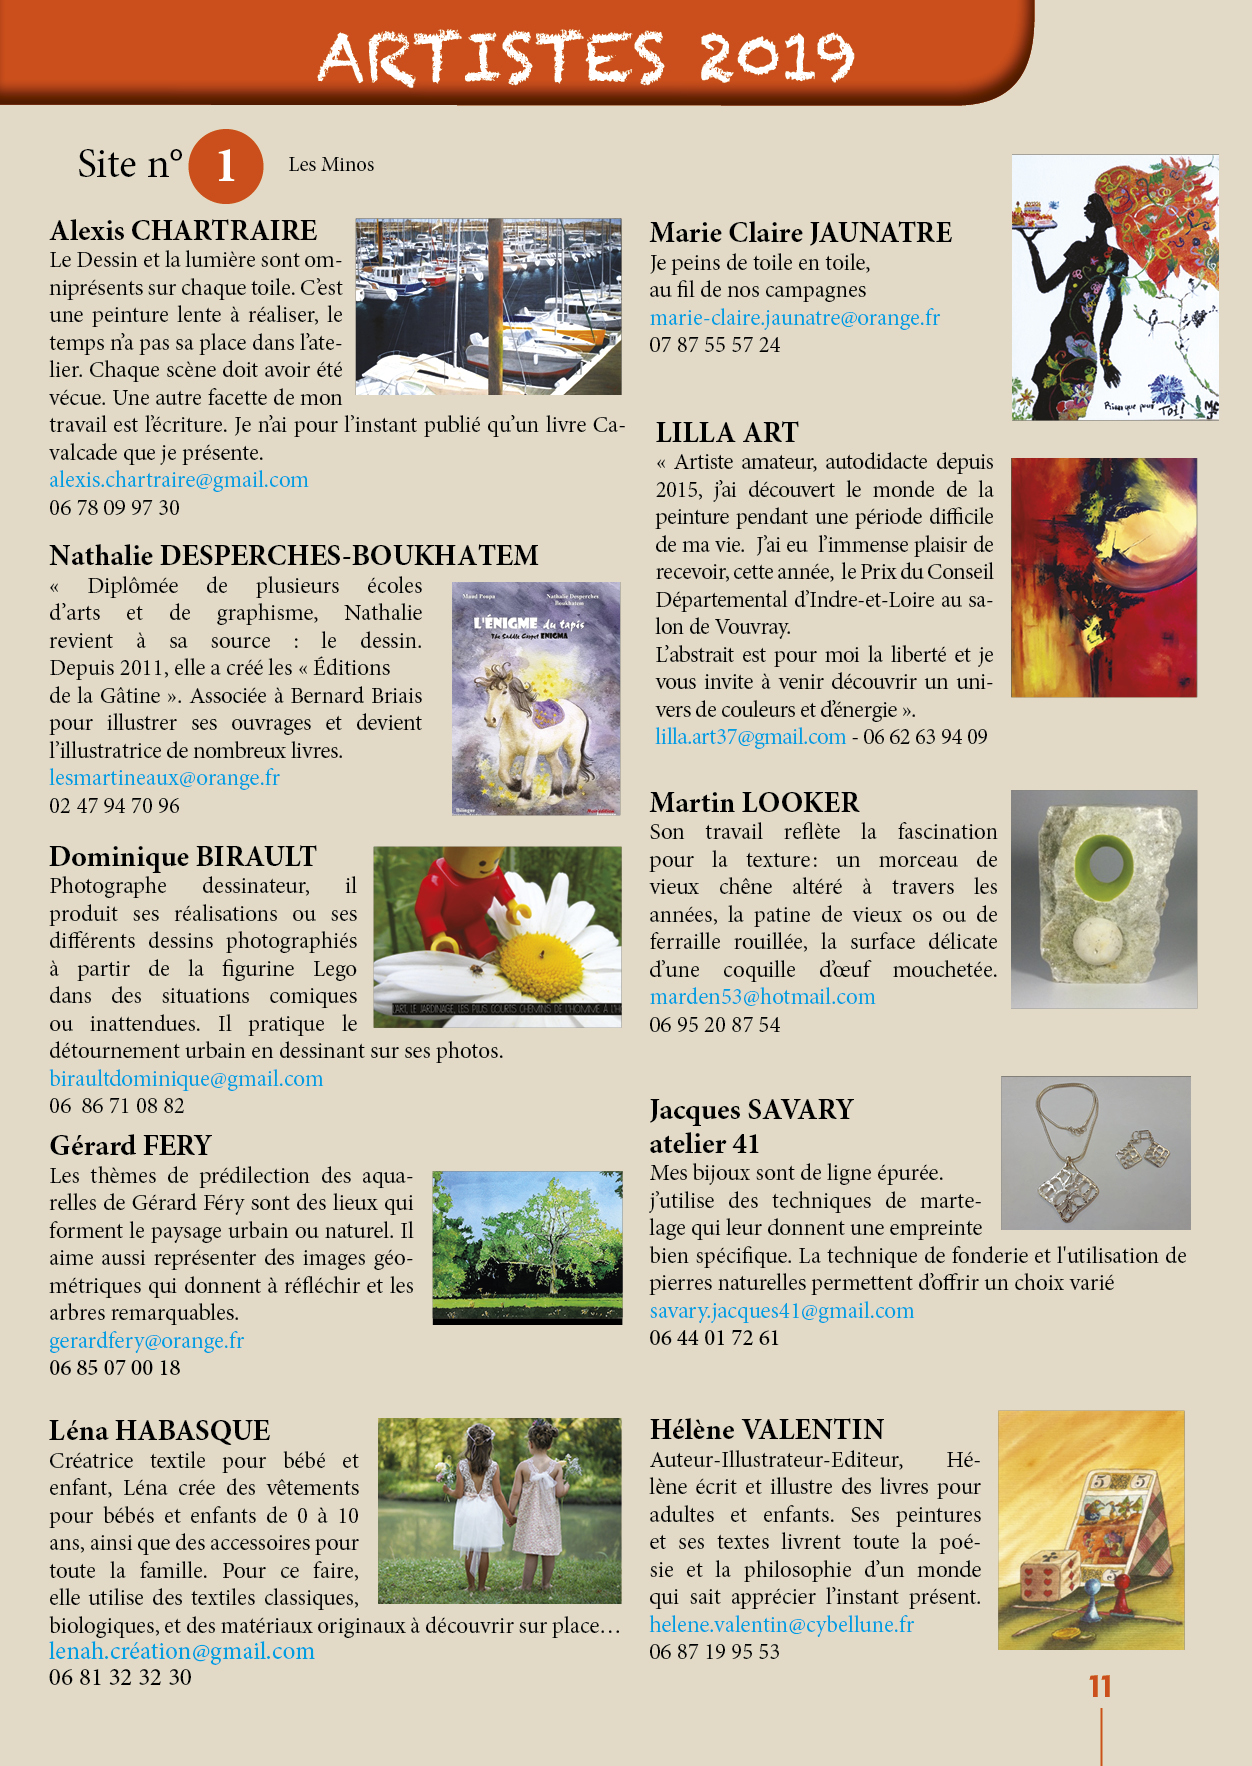 l-art-et-lard/16-pages-l-art-et-lard-2019-p11.jpg